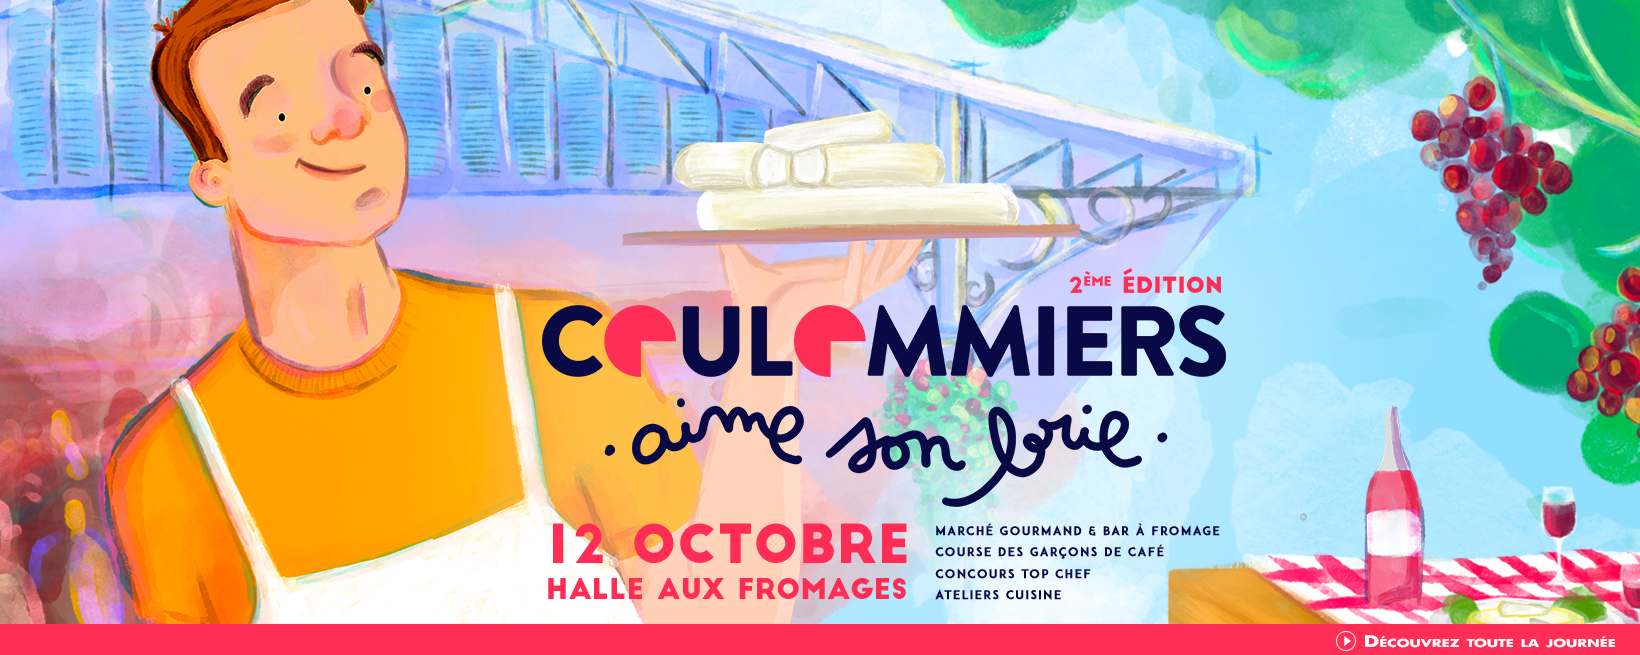 Coulommiers aime son Brie - 12 octobre 2019 à la Halle aux Fromages de Coulommiers